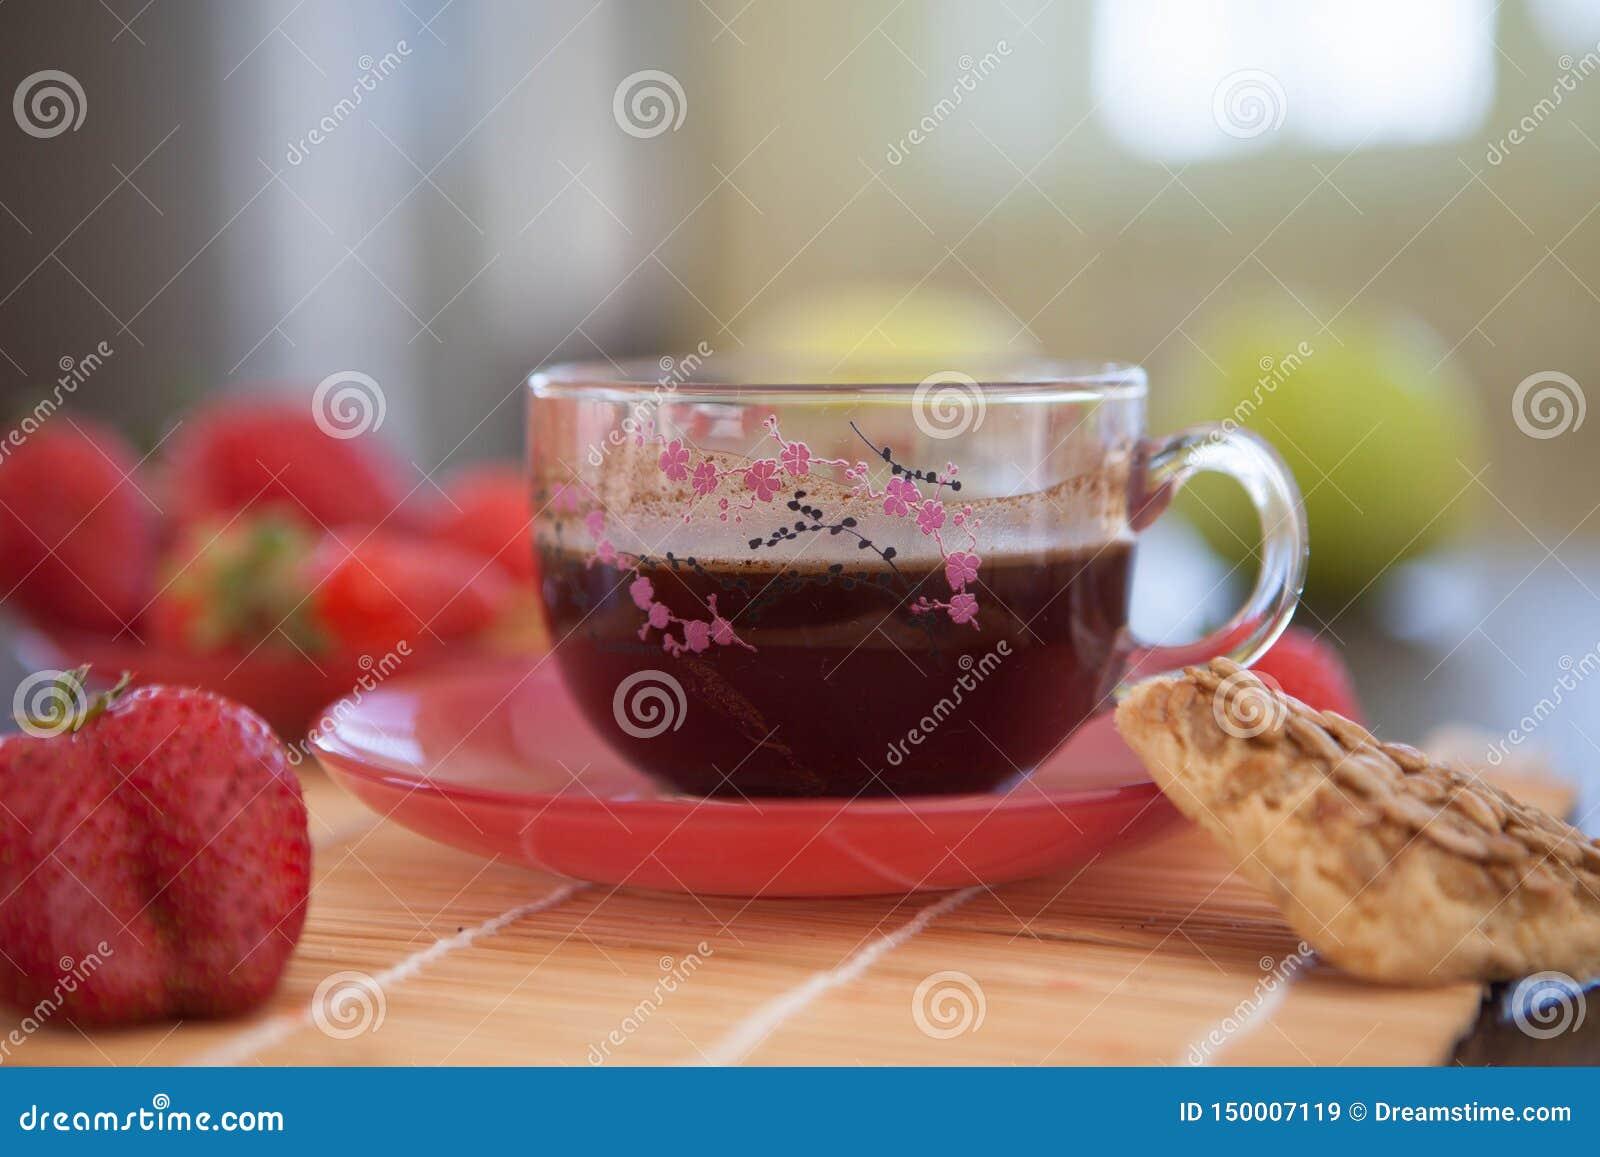 Filiżanka piękne czarne angielszczyzny herbaciane dla śniadania z truskawkami i ciastkami